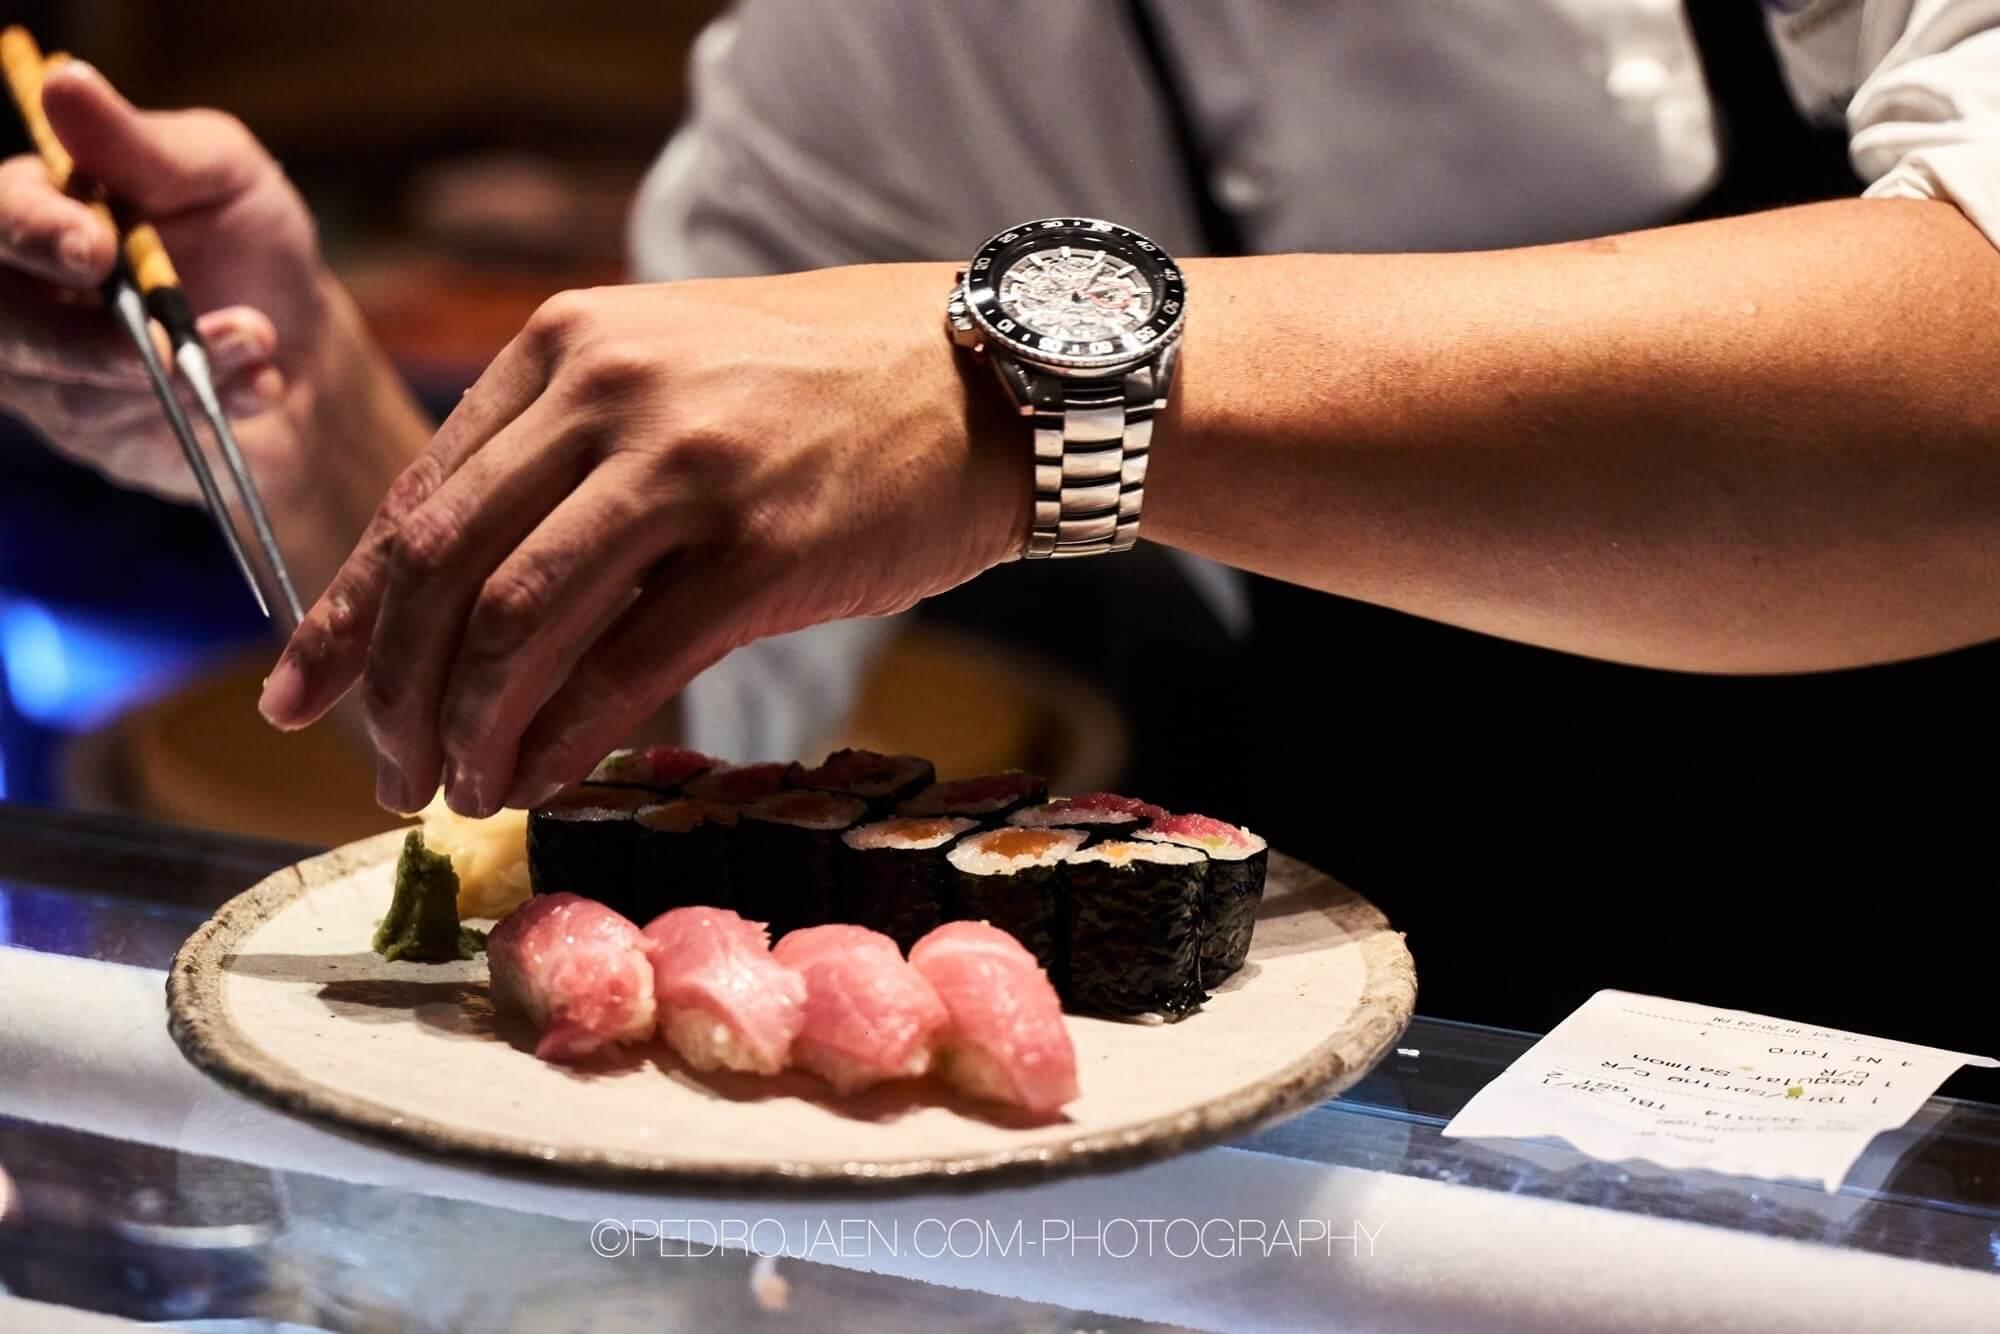 Sushi och en silvrig klocka